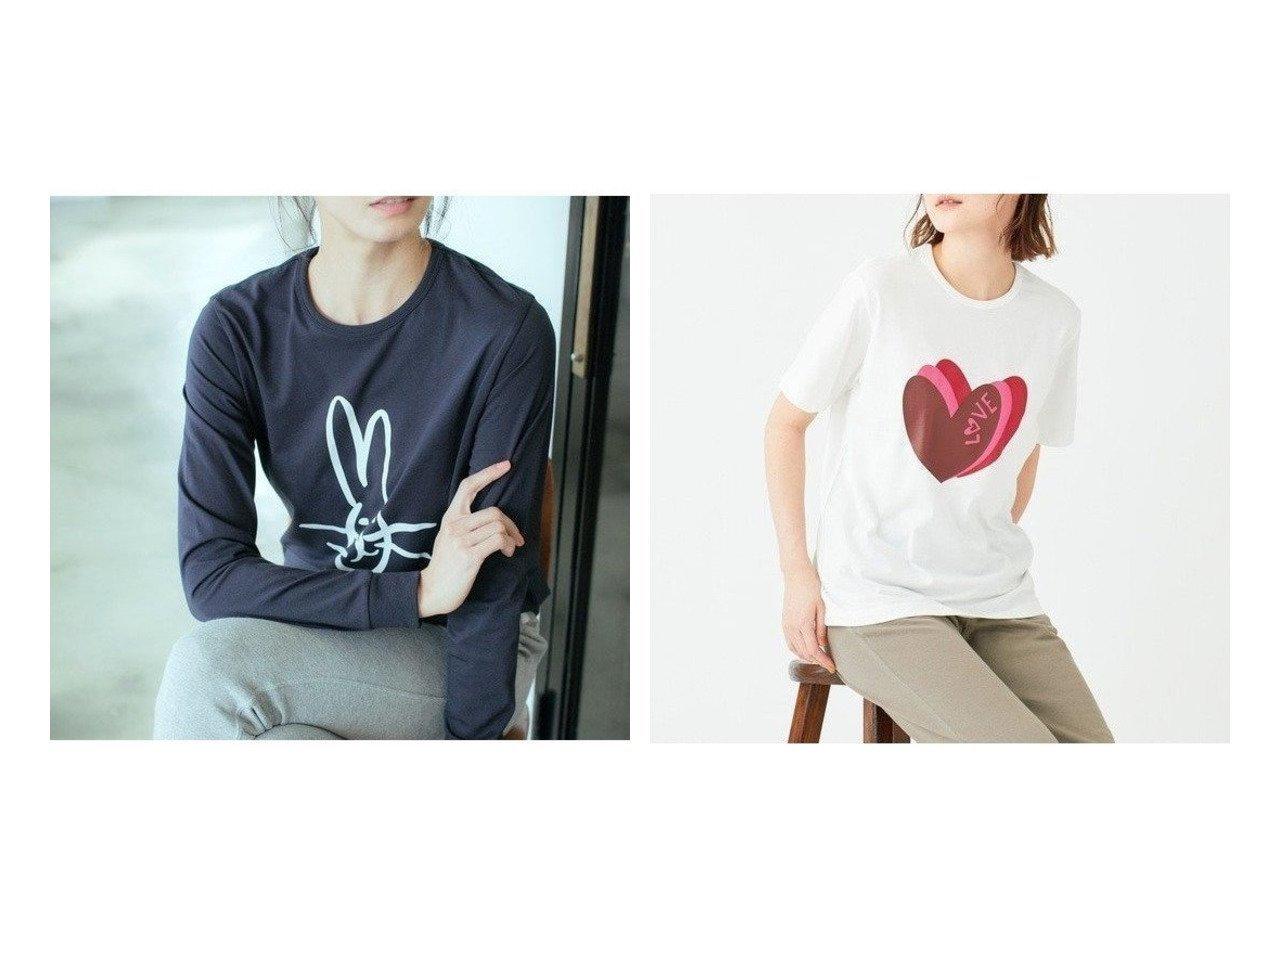 【Paul Smith/ポール スミス】の【LOUNGEWEAR】アートTシャツ&【LOUNGEWEAR】アートTシャツ(長袖) Paul Smithのおすすめ!人気、トレンド・レディースファッションの通販  おすすめで人気の流行・トレンド、ファッションの通販商品 メンズファッション・キッズファッション・インテリア・家具・レディースファッション・服の通販 founy(ファニー) https://founy.com/ ファッション Fashion レディースファッション WOMEN トップス Tops Tshirt シャツ/ブラウス Shirts Blouses ロング / Tシャツ T-Shirts アンダー カラフル ストライプ 長袖 ベーシック ボックス モチーフ リラックス ロング ワーク 送料無料 Free Shipping  ID:crp329100000017614